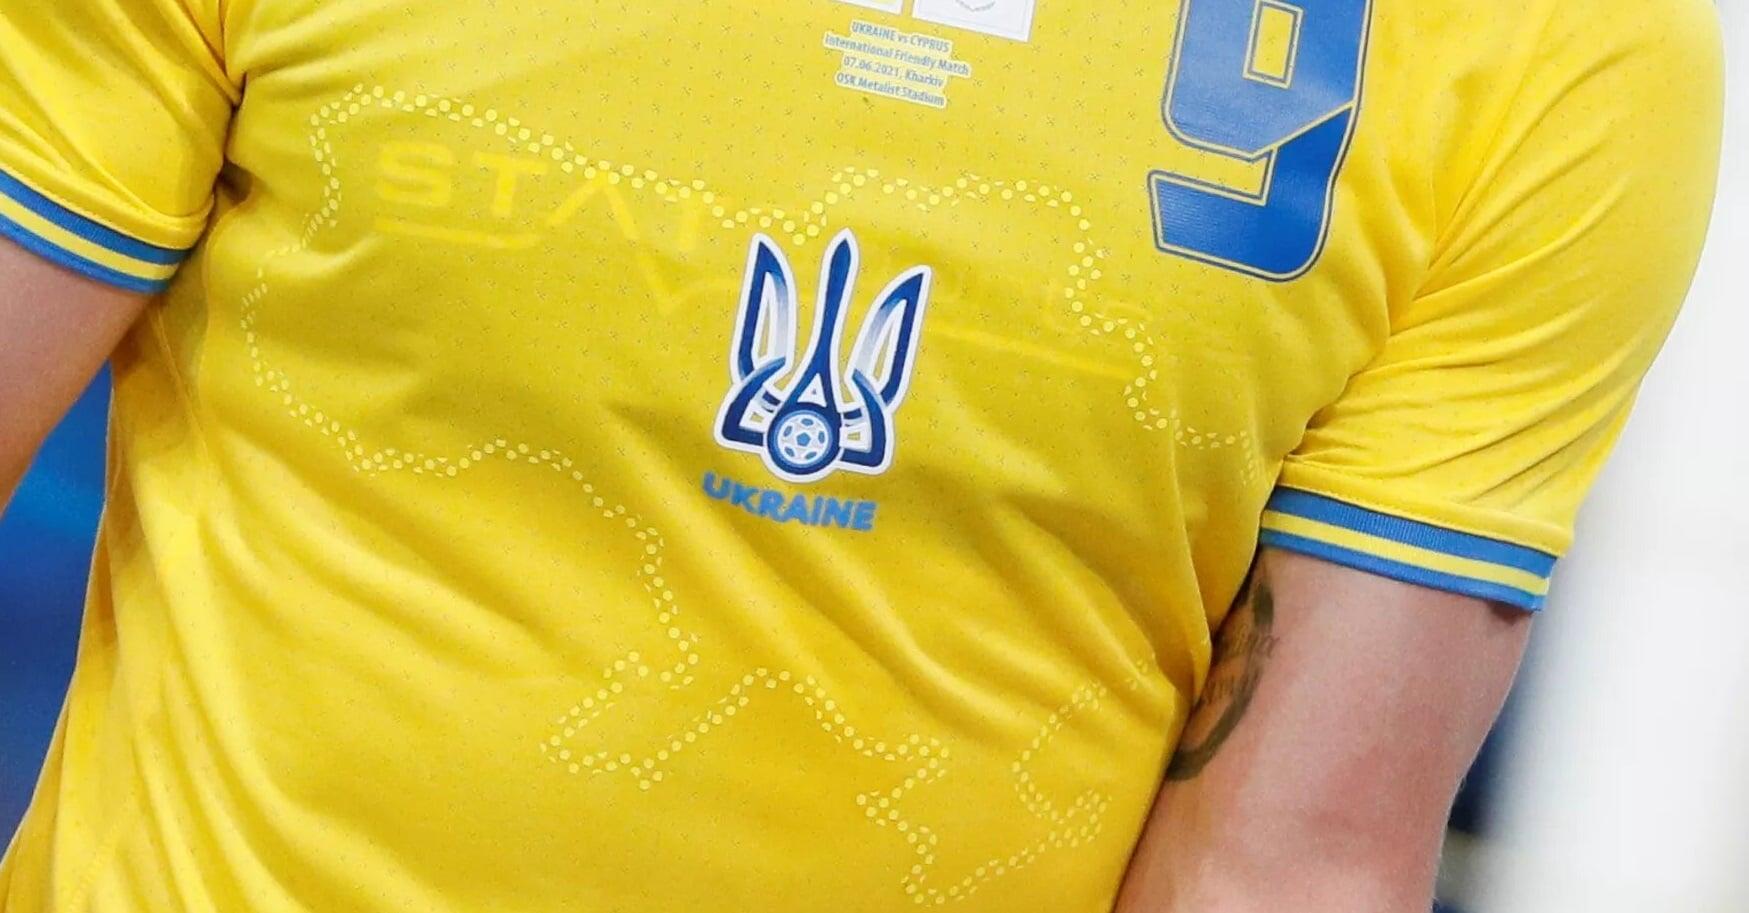 УЕФА о форме Украины: «Сочетание фраз «Слава Украине» и «Героям слава» имеет милитаристский подтекст. Слоган должен быть удален»